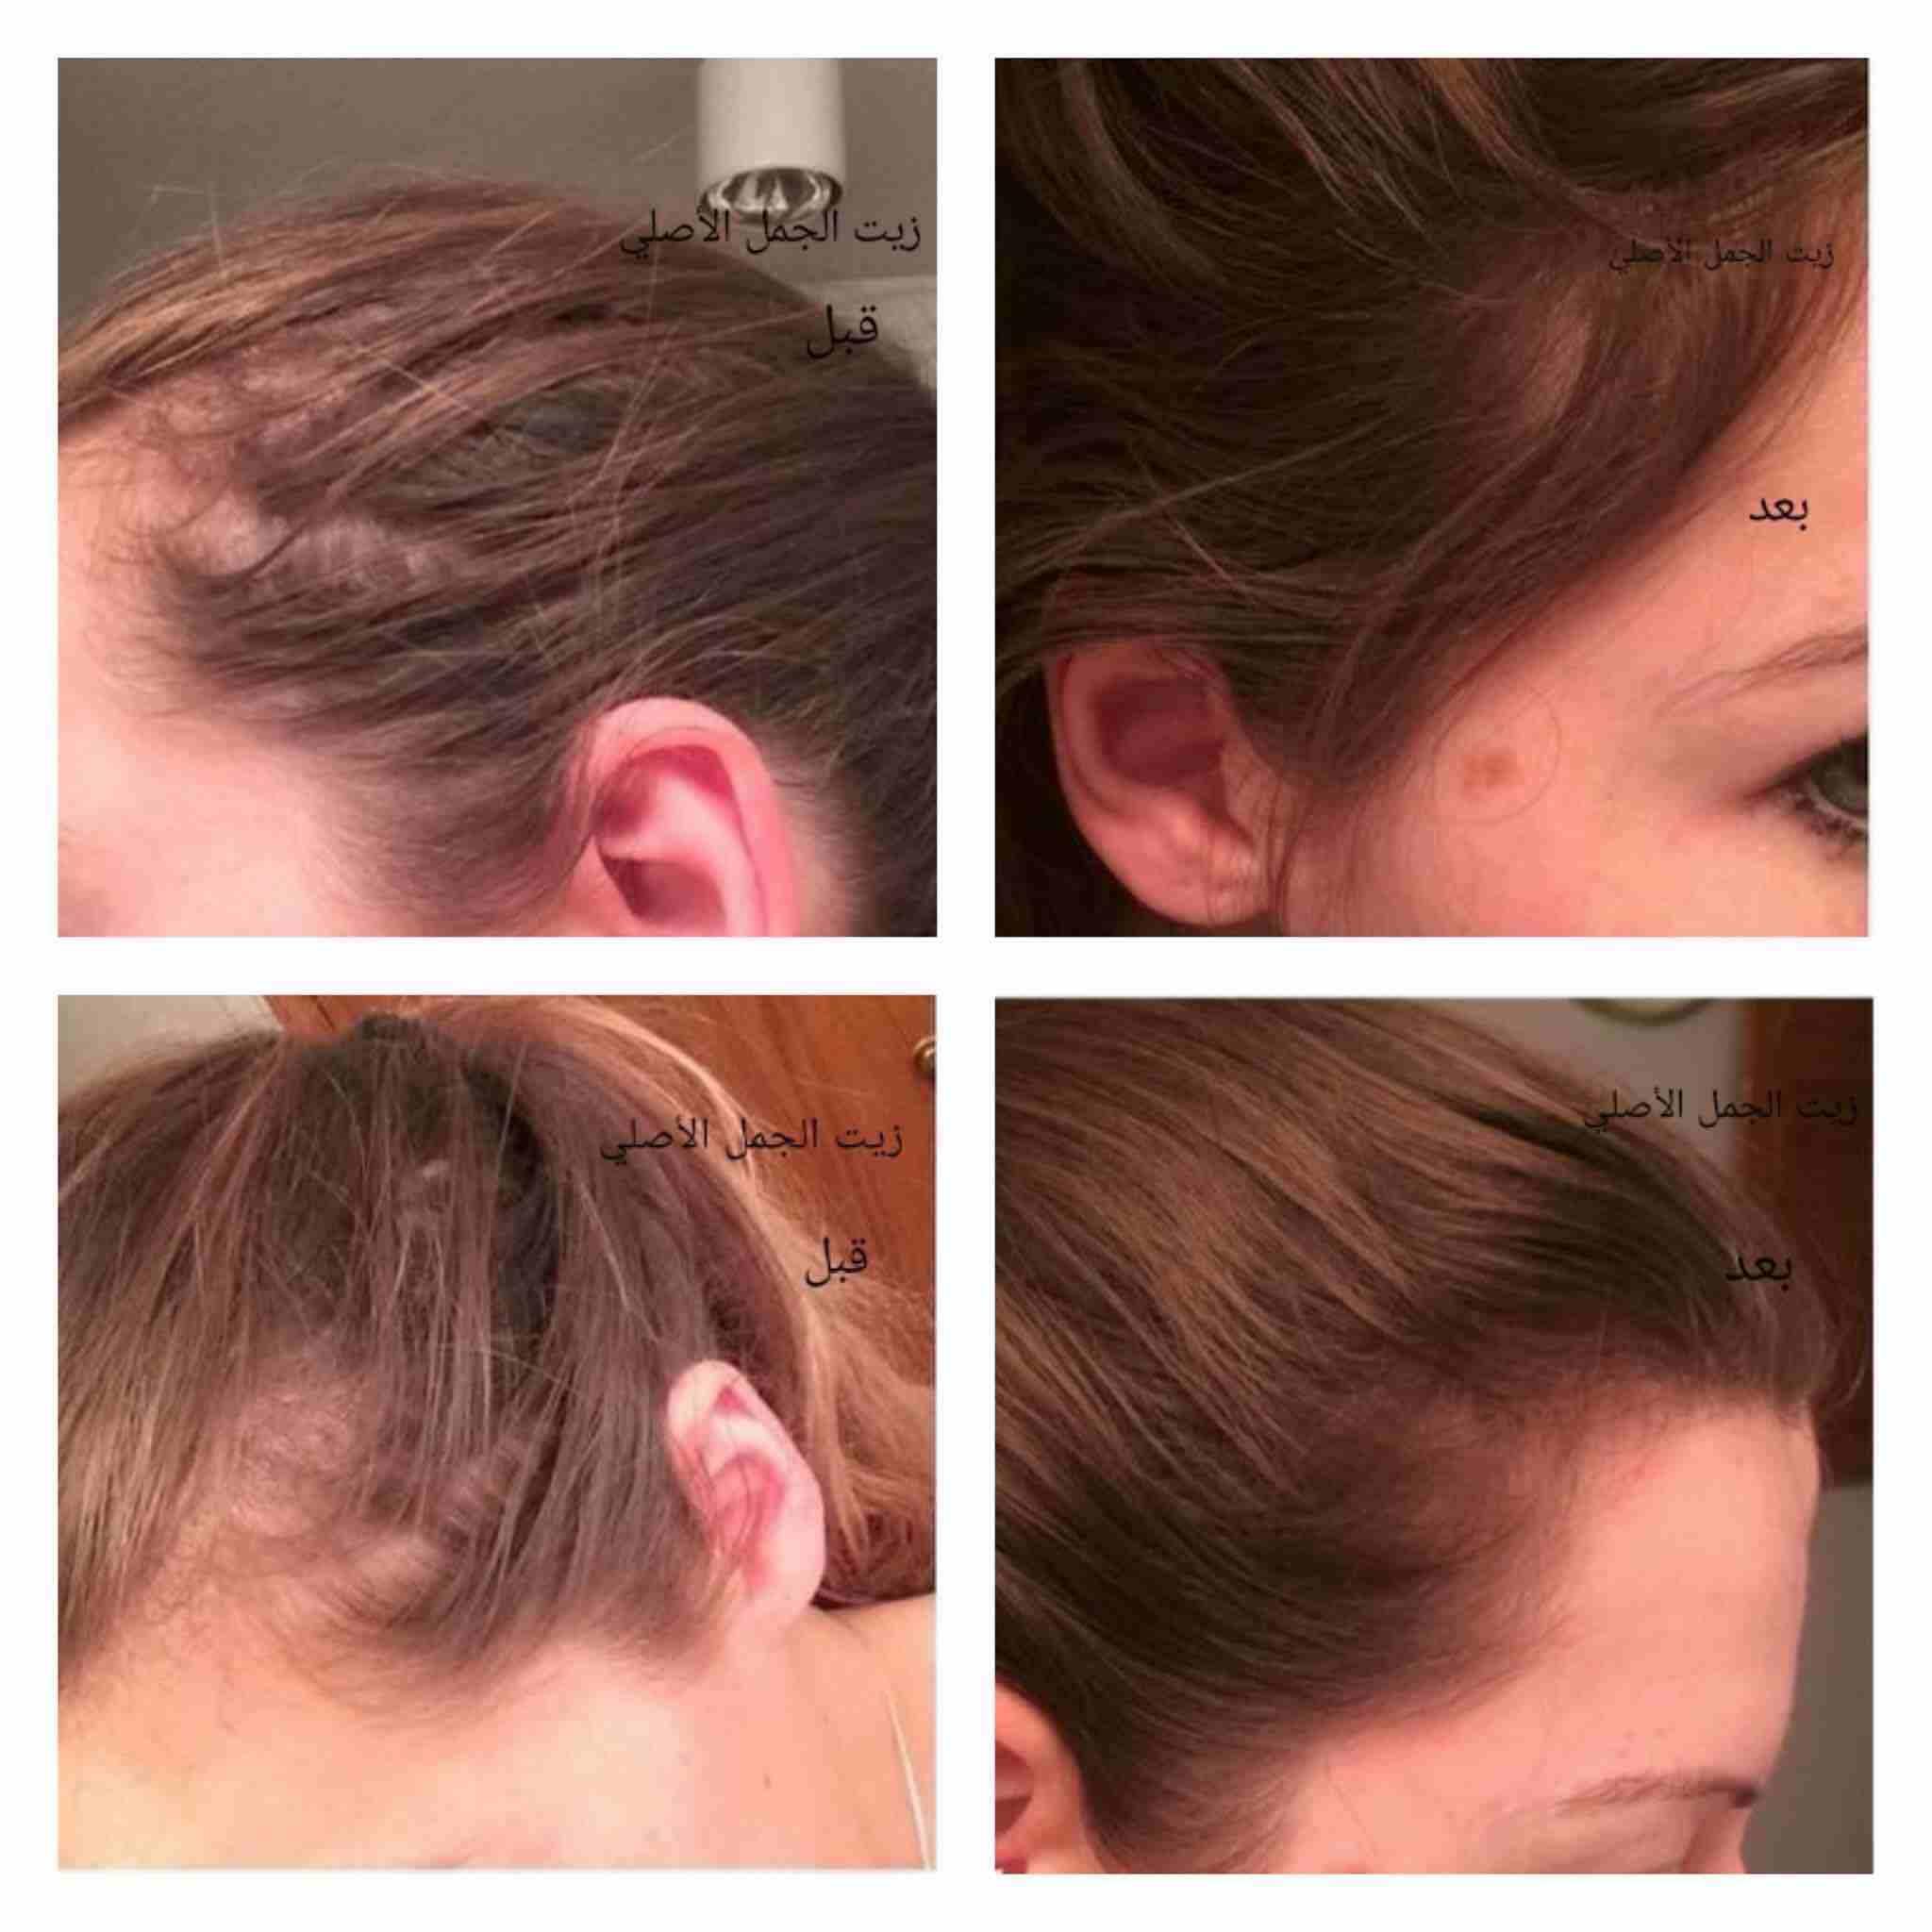 شعرك بكت ؟🙄 عندك فراغات كبيرة بشعرك ؟😔 عندك مشكلة بأنبات الشعر ؟🤔...